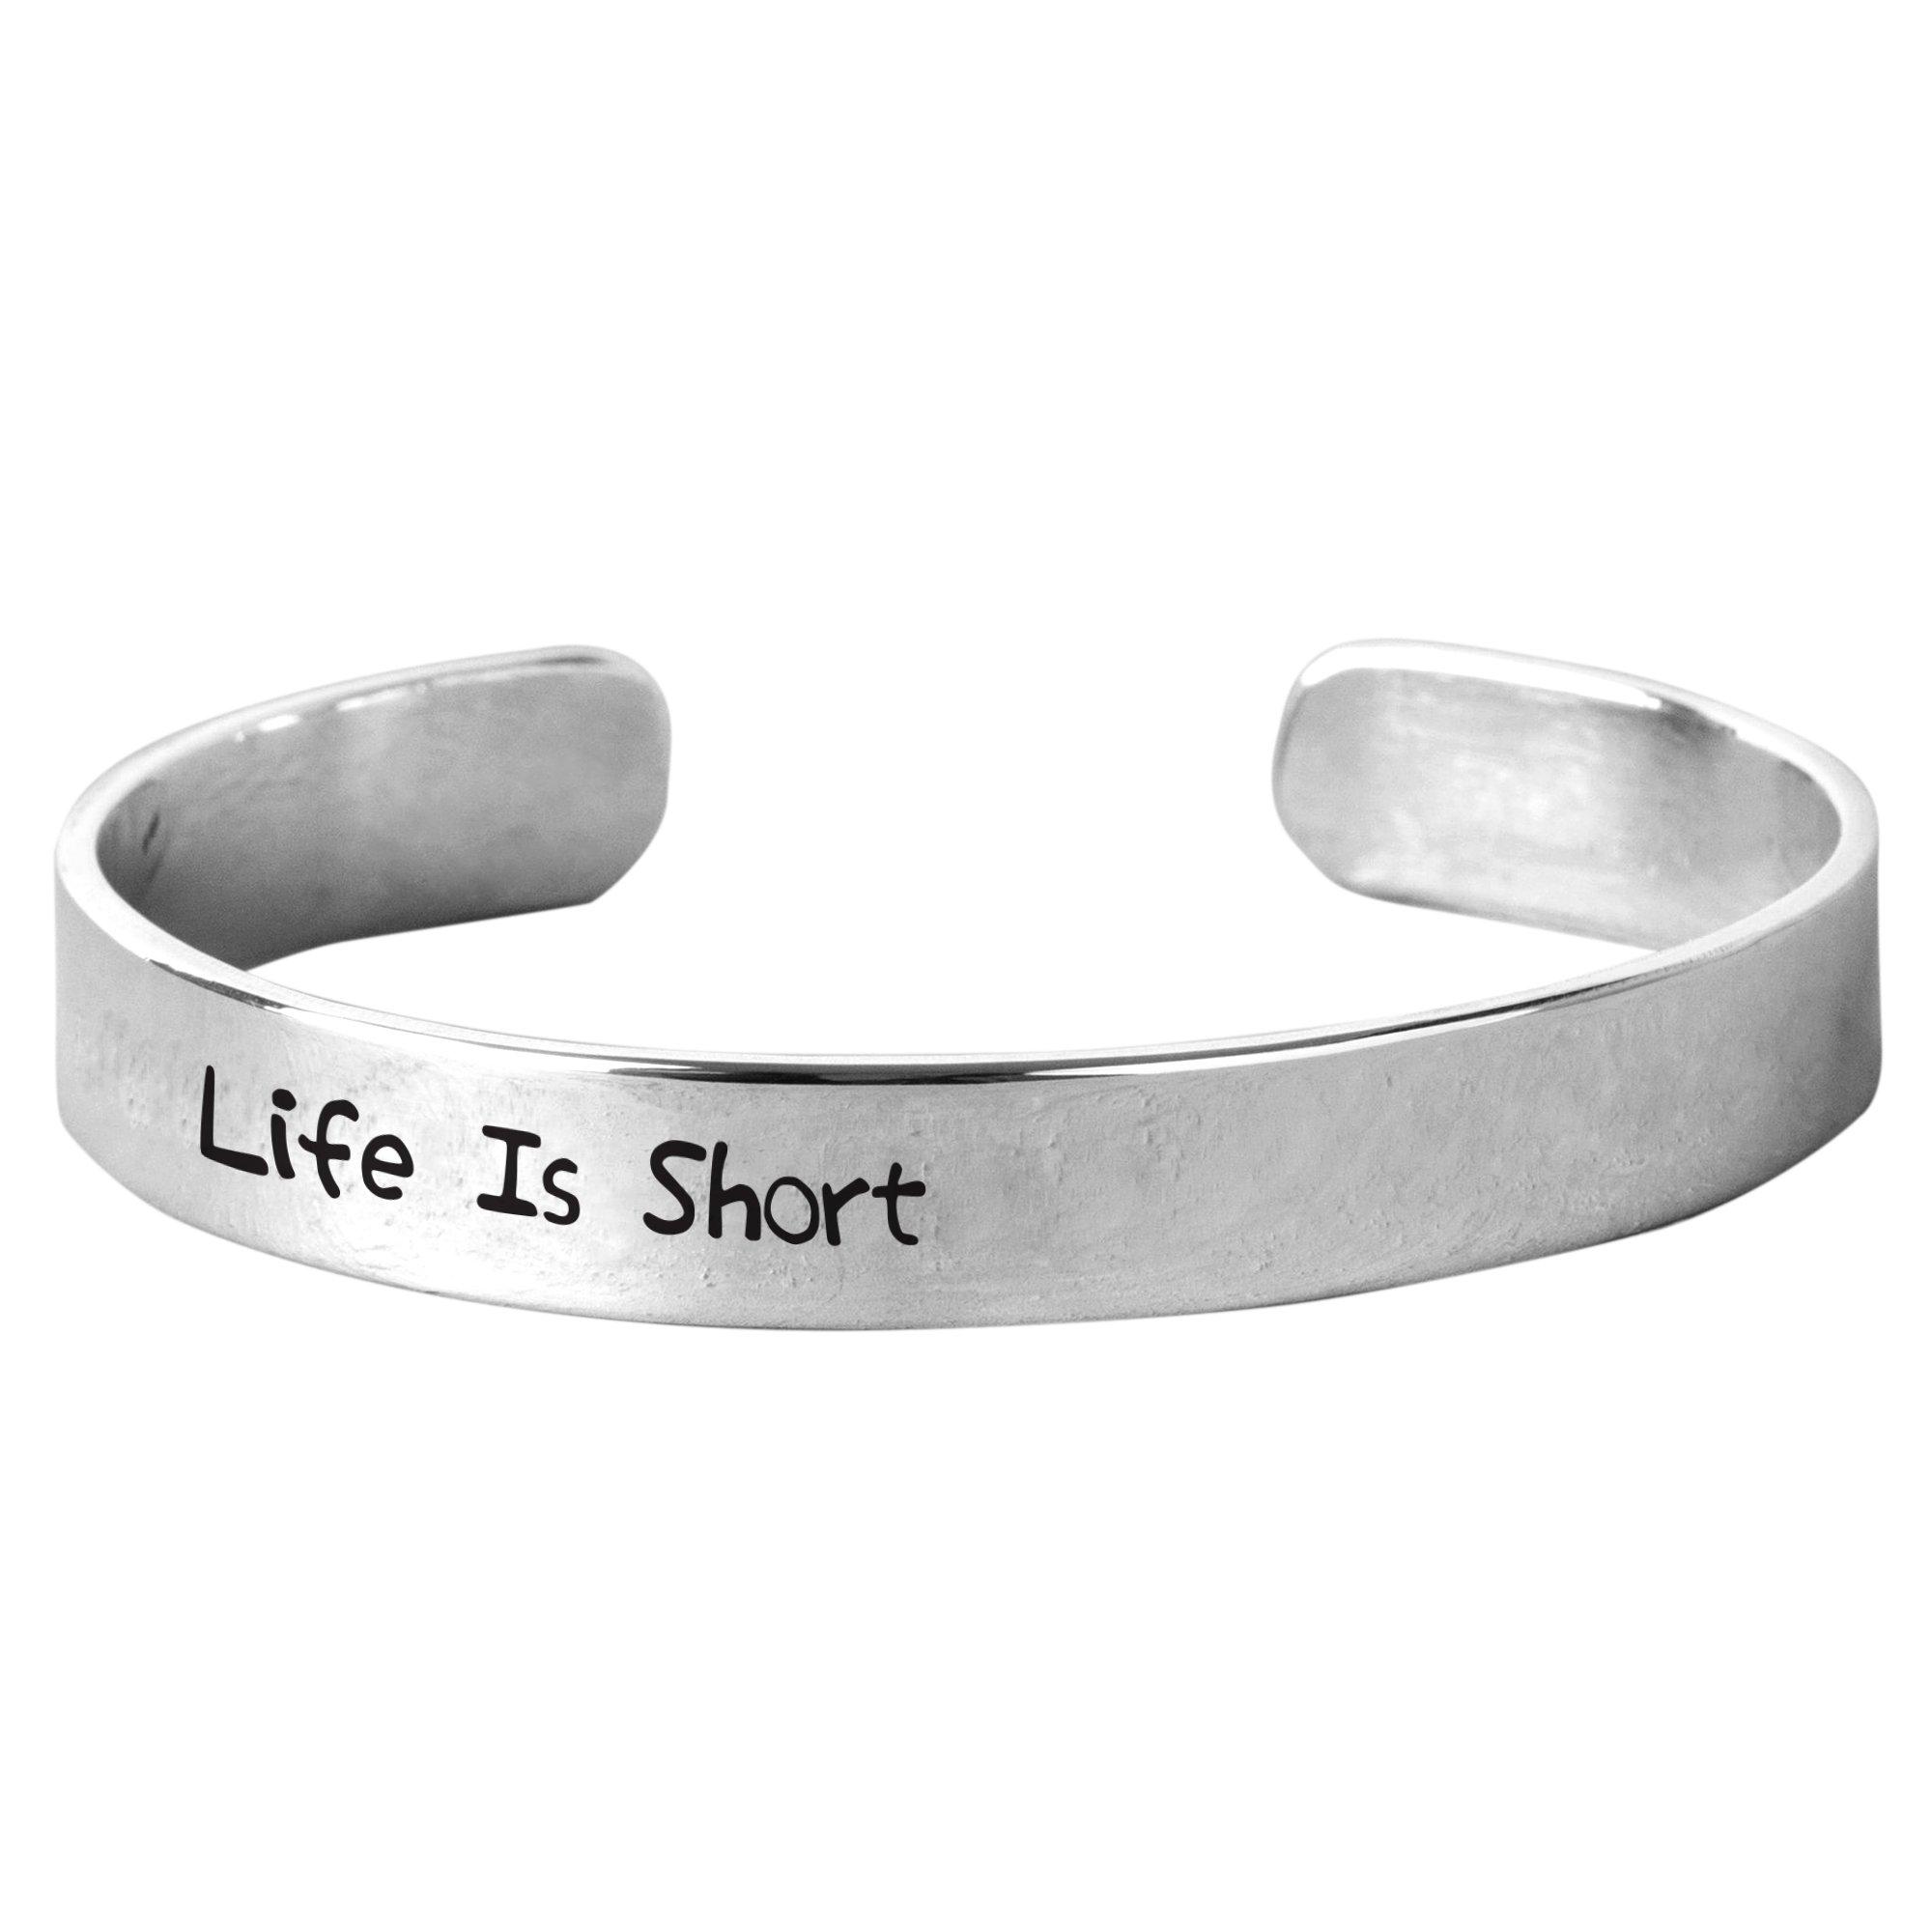 Life Is Short - Unisex Hand-Stamped Aluminium Bracelet